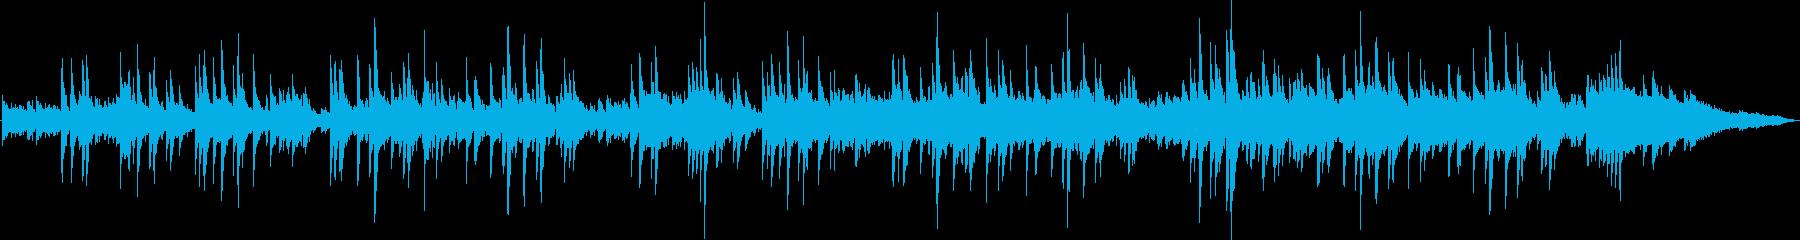 ギターデュオによる穏やかで切ないバラードの再生済みの波形